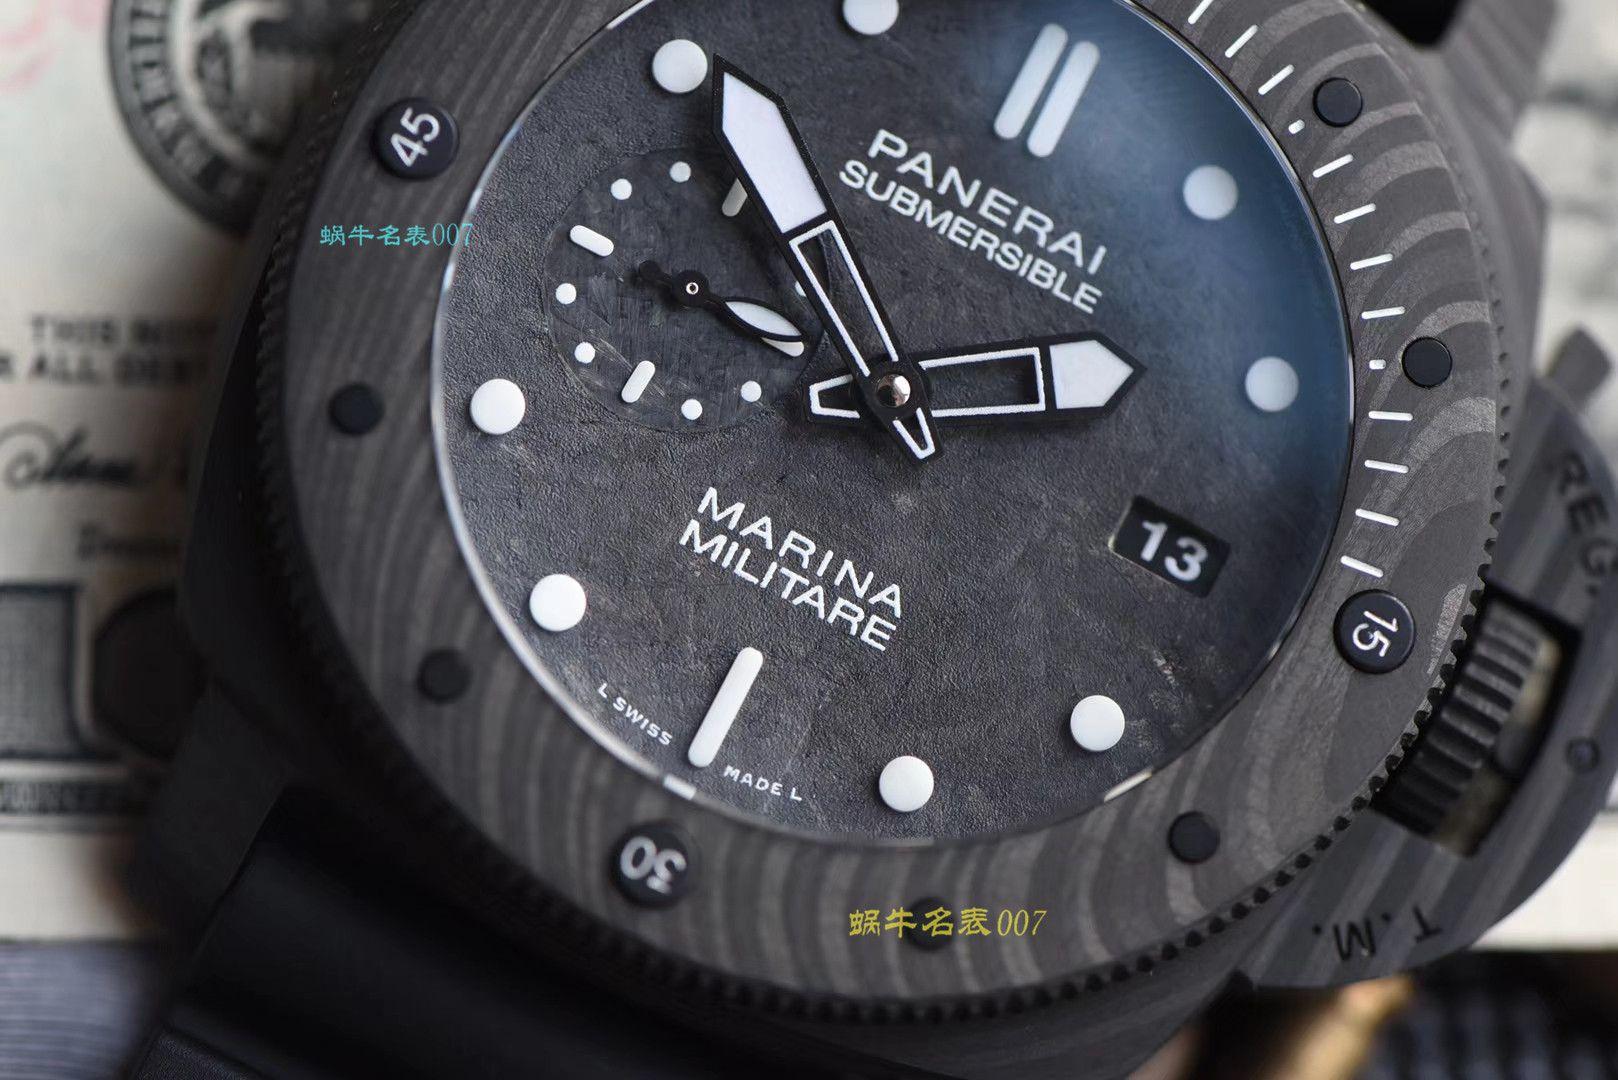 【vs厂沛纳海复刻手表】沛纳海SUBMERSIBLE 潜行系列PAM00979腕表 / VSPAM00979